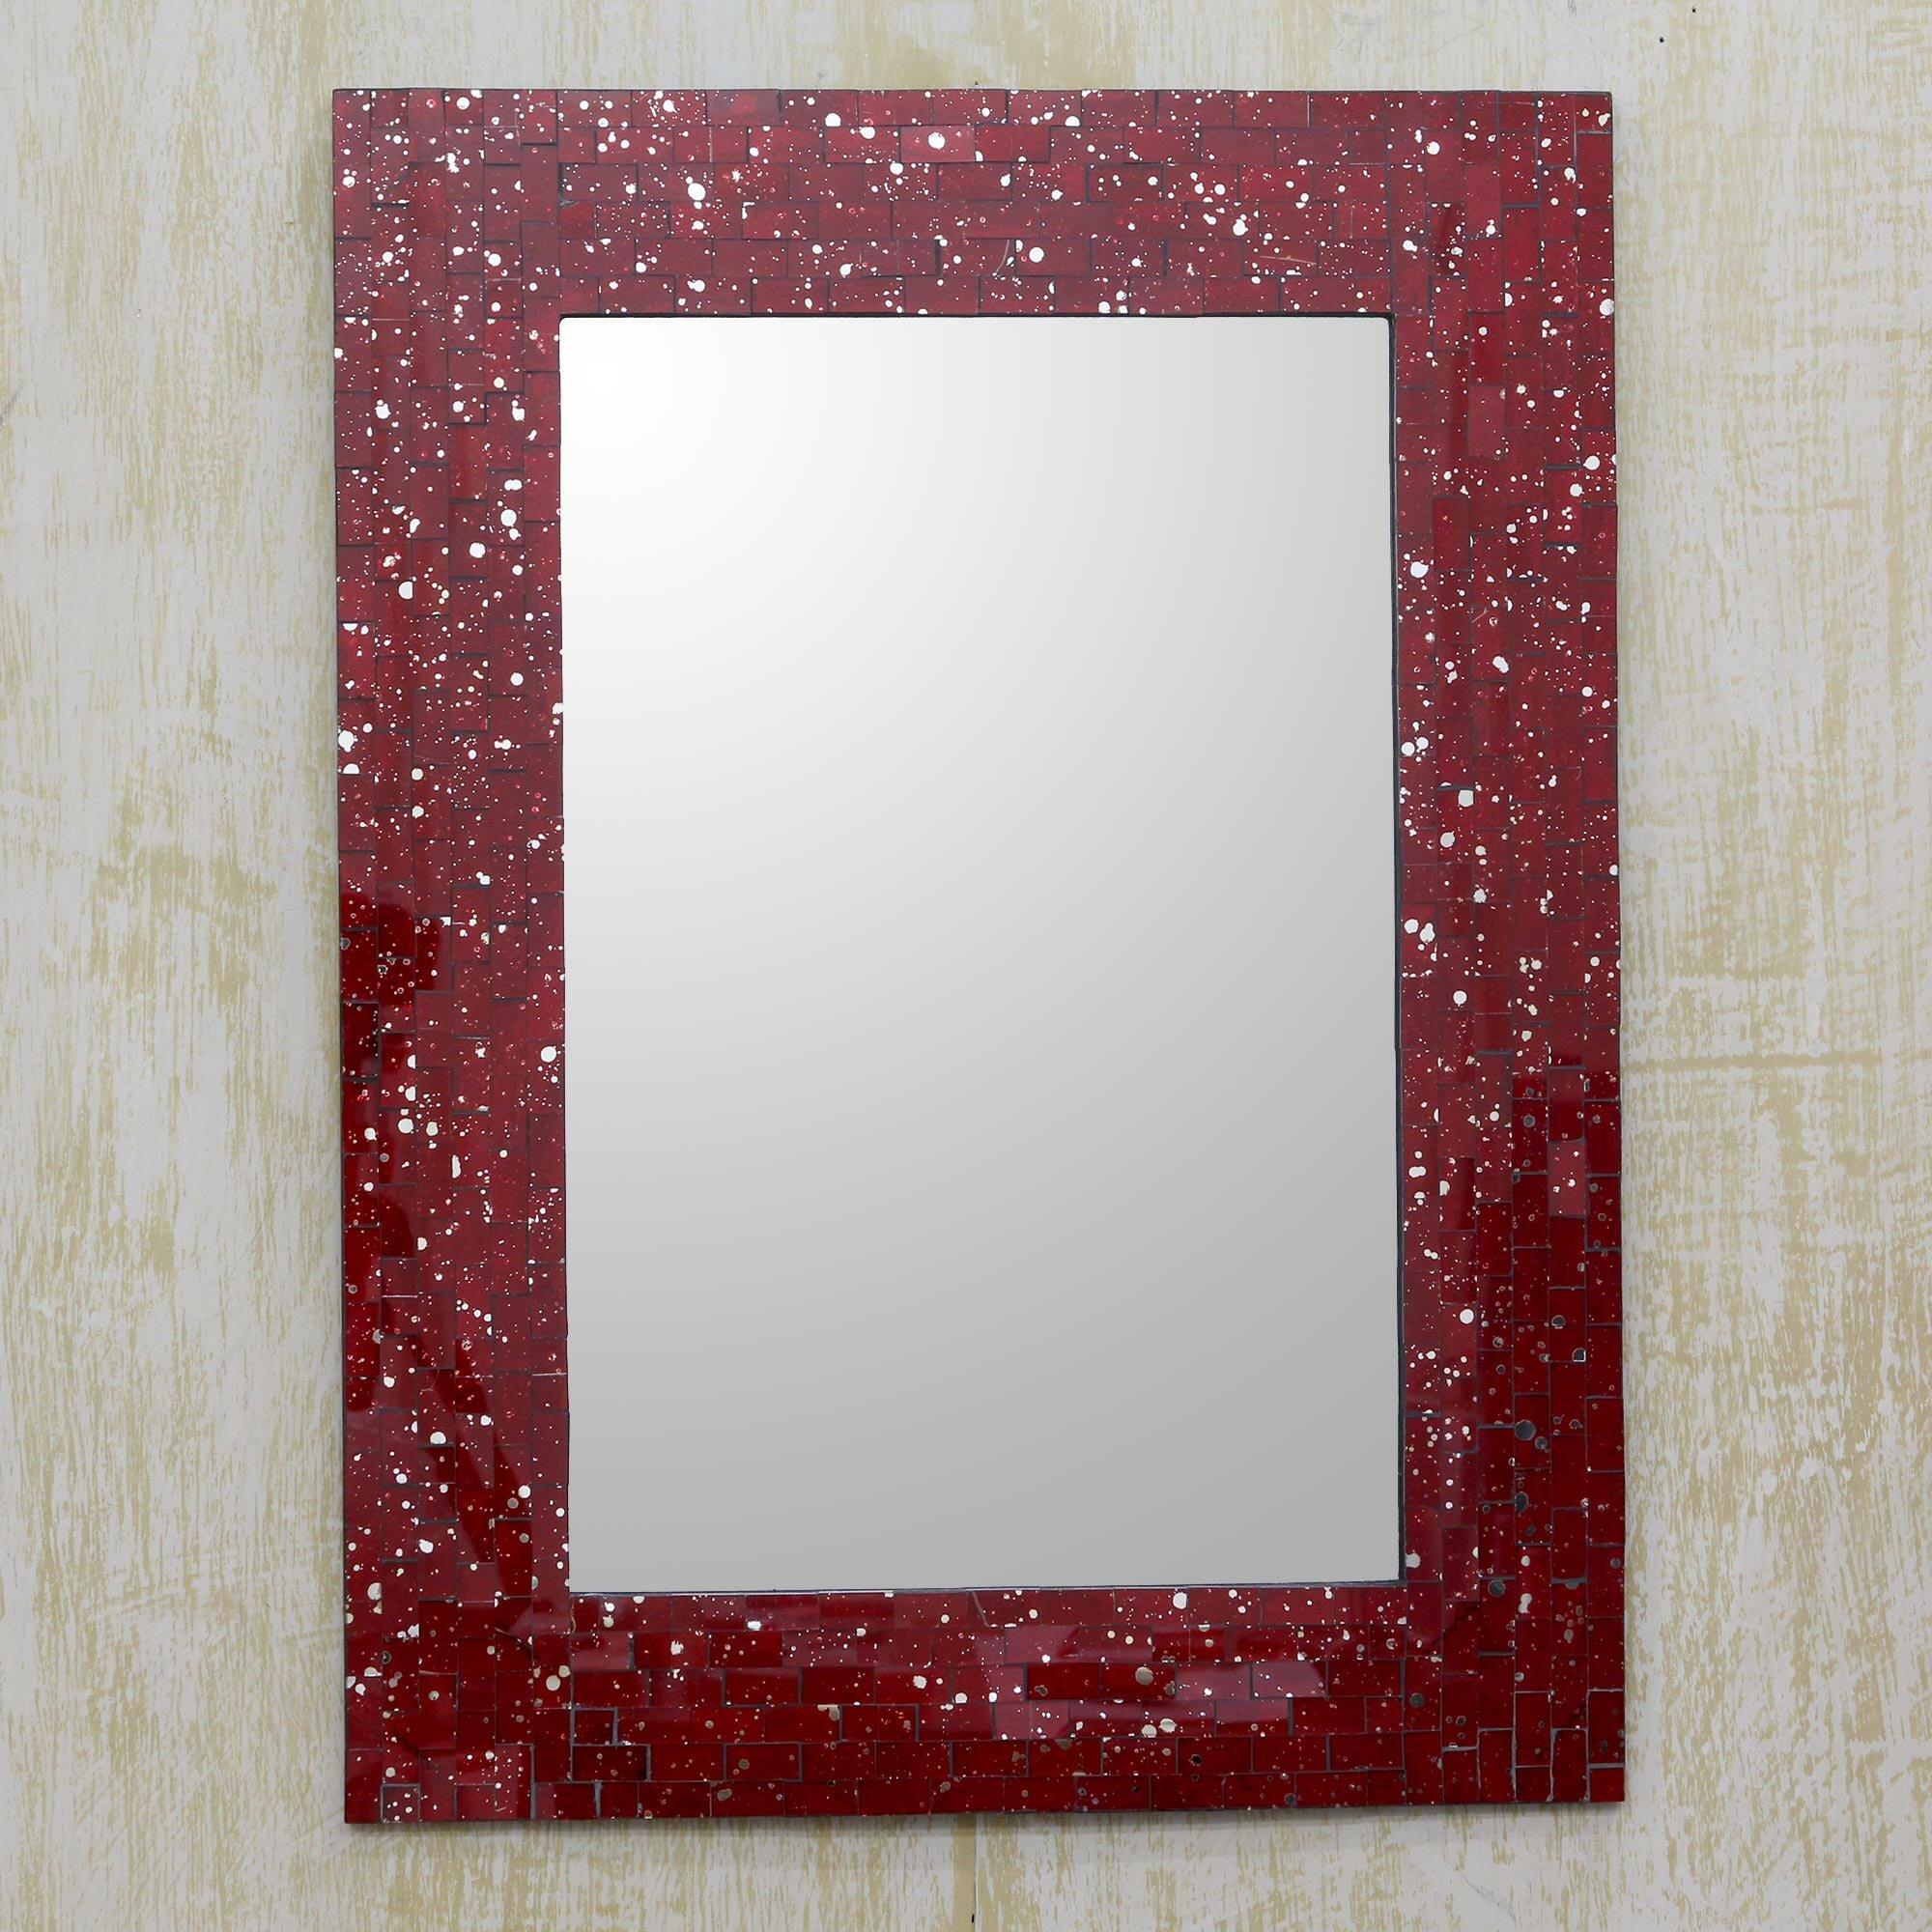 Novica Crimson Cosmos Rectangular Glass Mosaic Framed